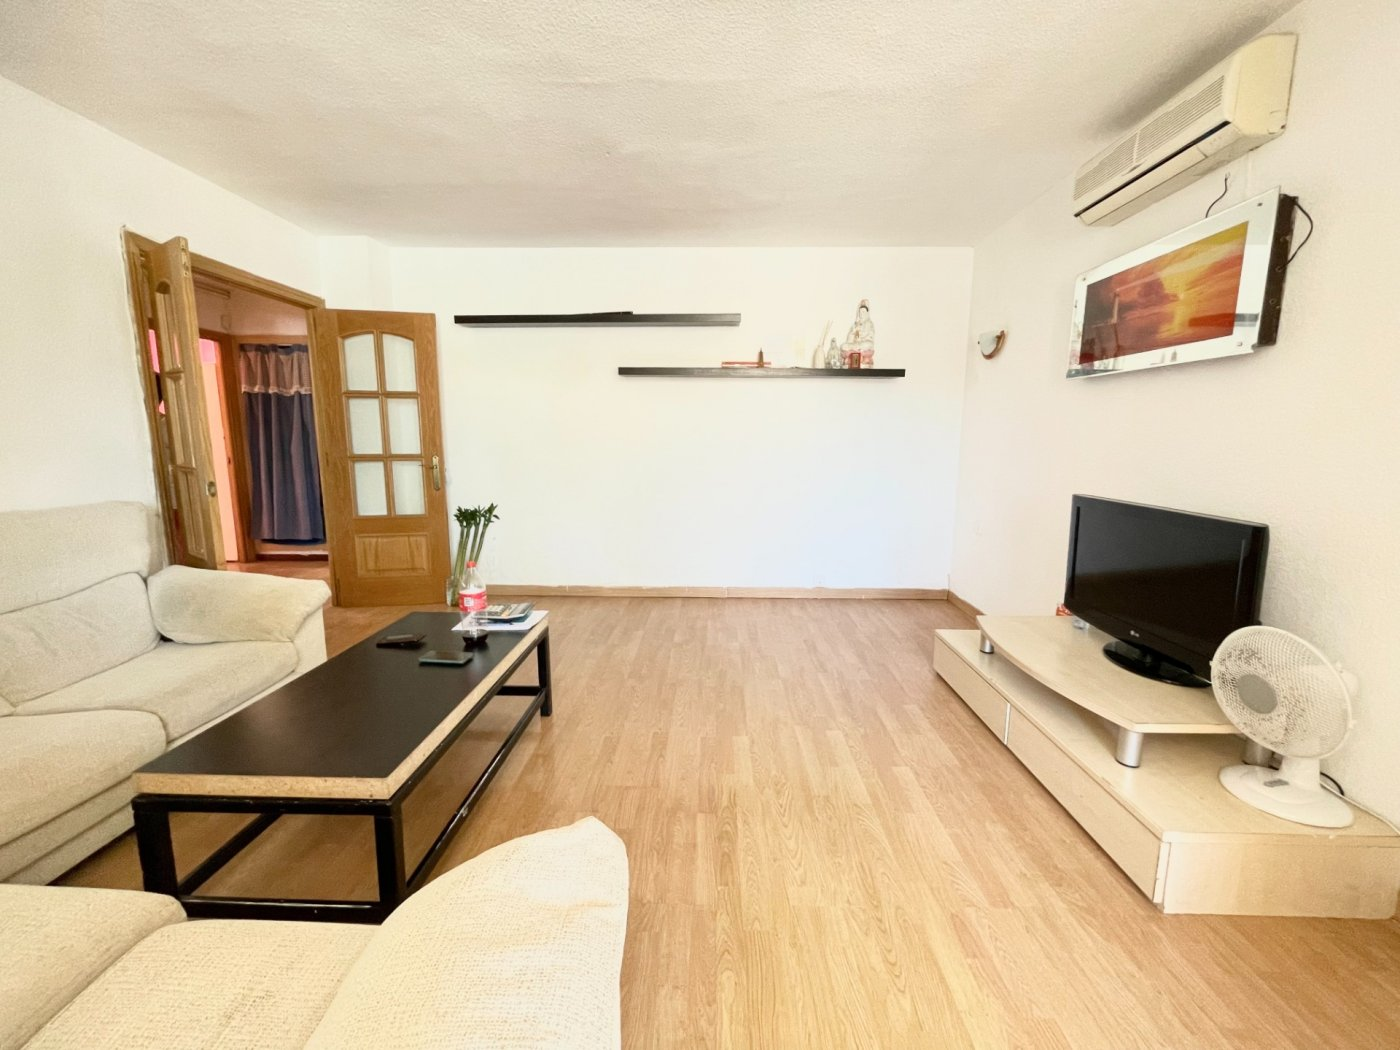 Se vende piso de dos dormitorios con piscina y parking comunitaria - imagenInmueble1